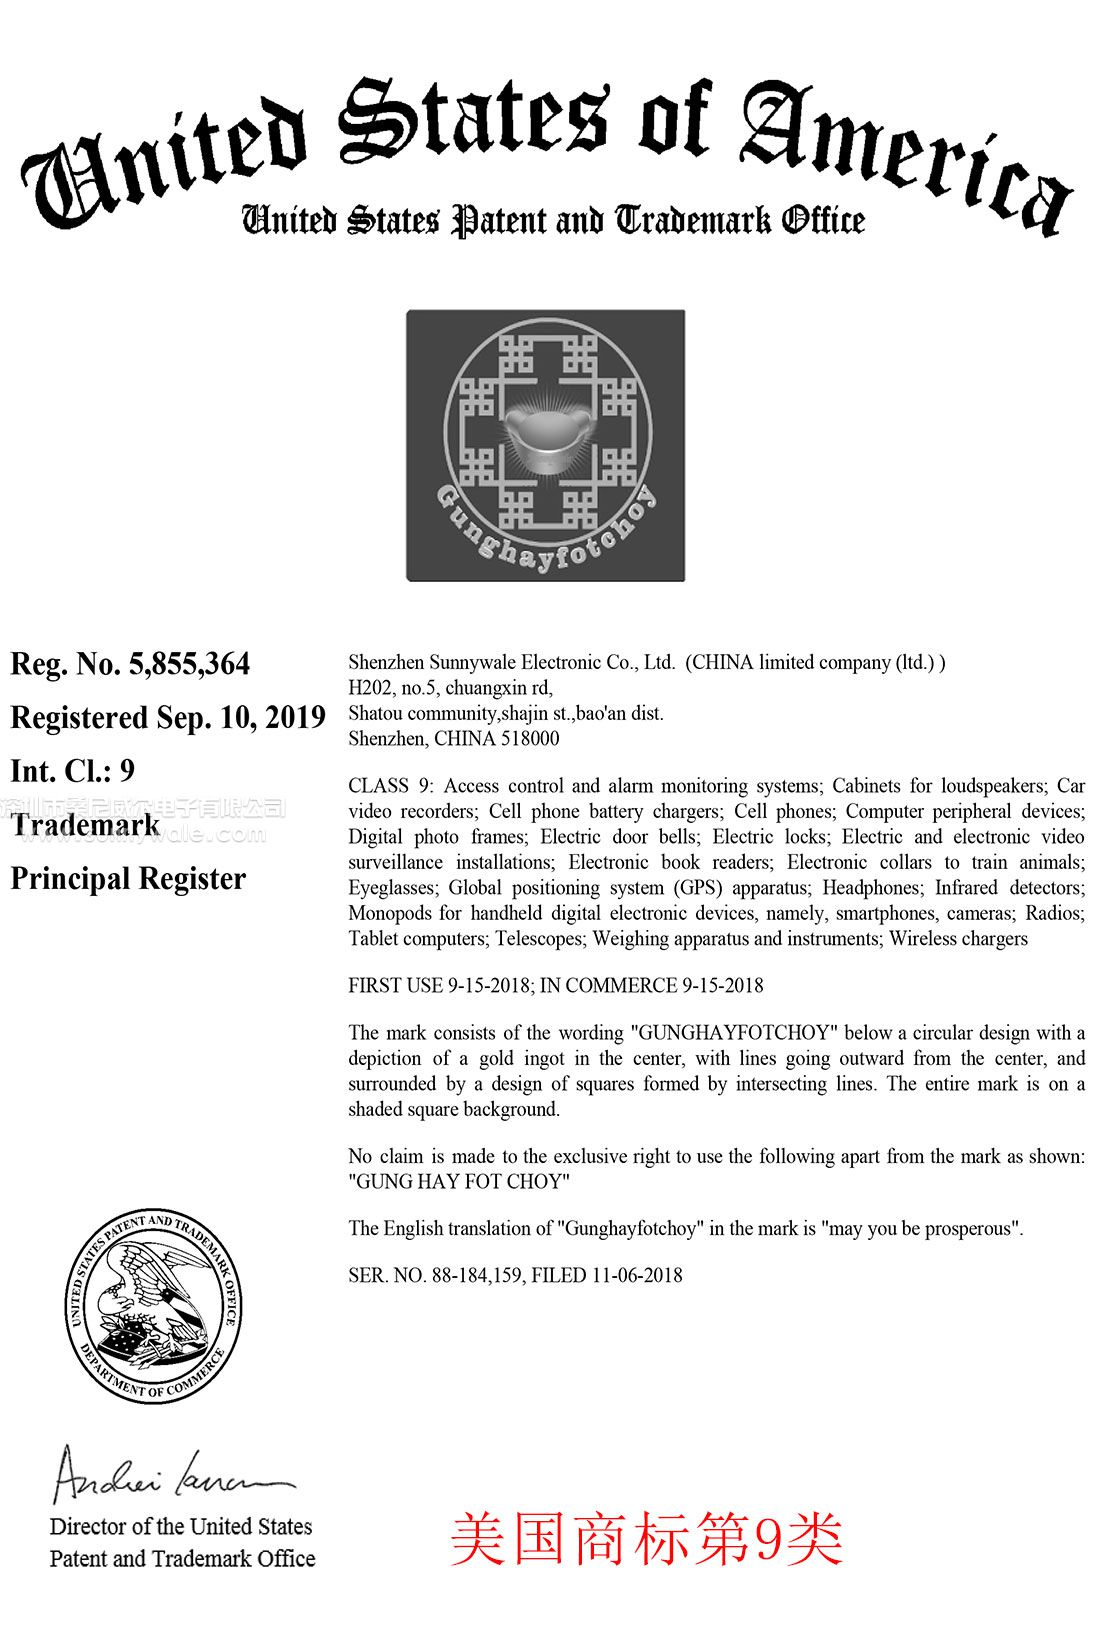 深圳市桑尼威尔电子有限公司Gunghayfotchoy美国商标